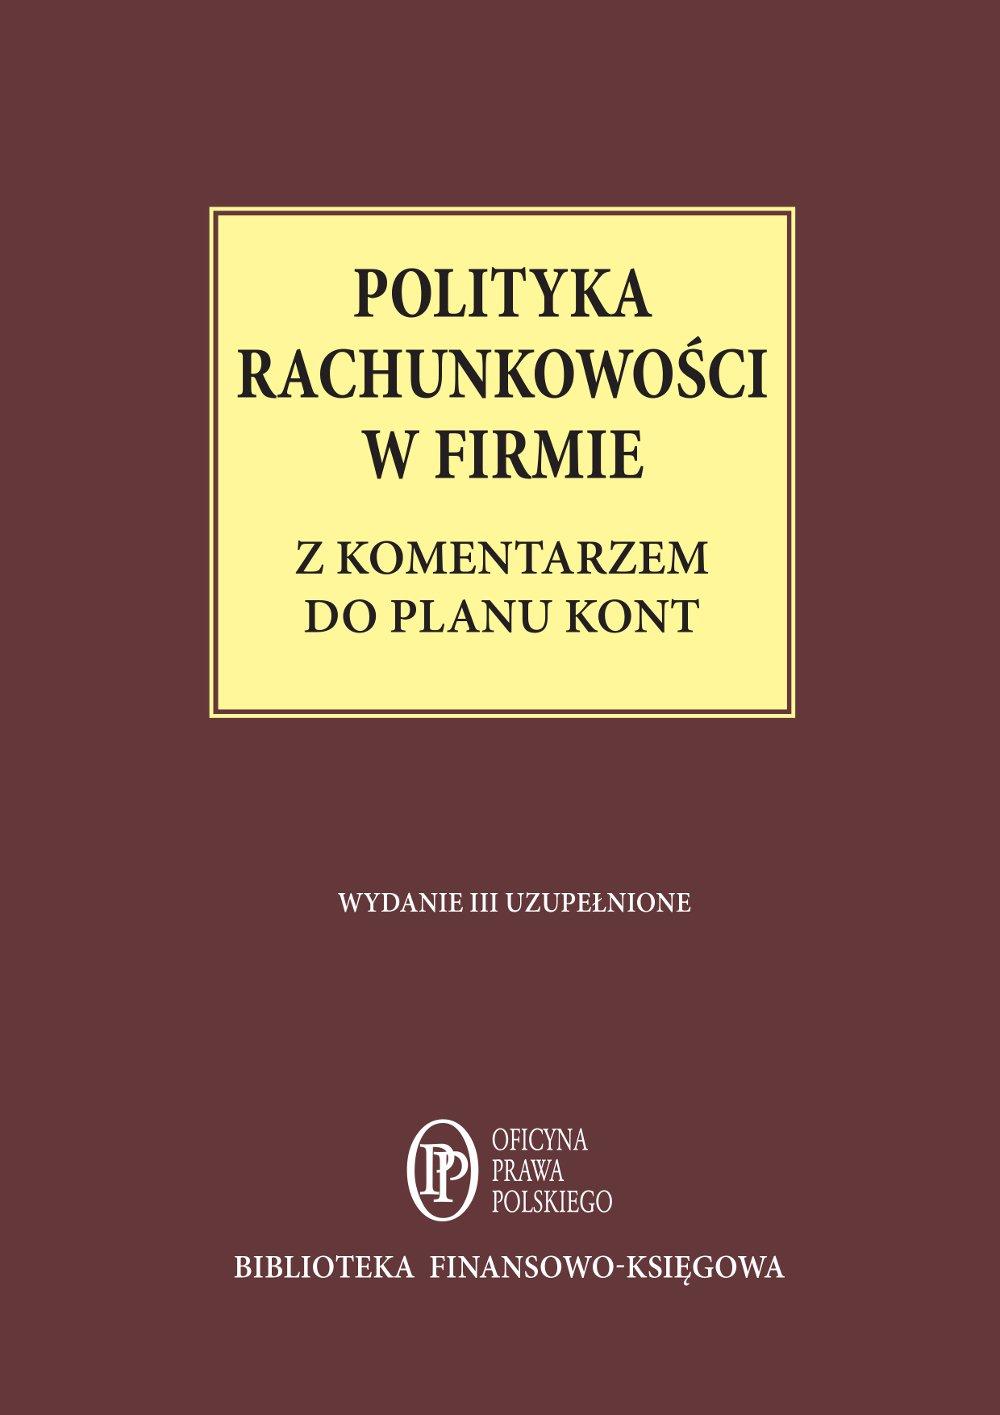 Polityka rachunkowości w firmie z komentarzem do planu kont - stan prawny: 1 lutego 2015 r. - Ebook (Książka PDF) do pobrania w formacie PDF